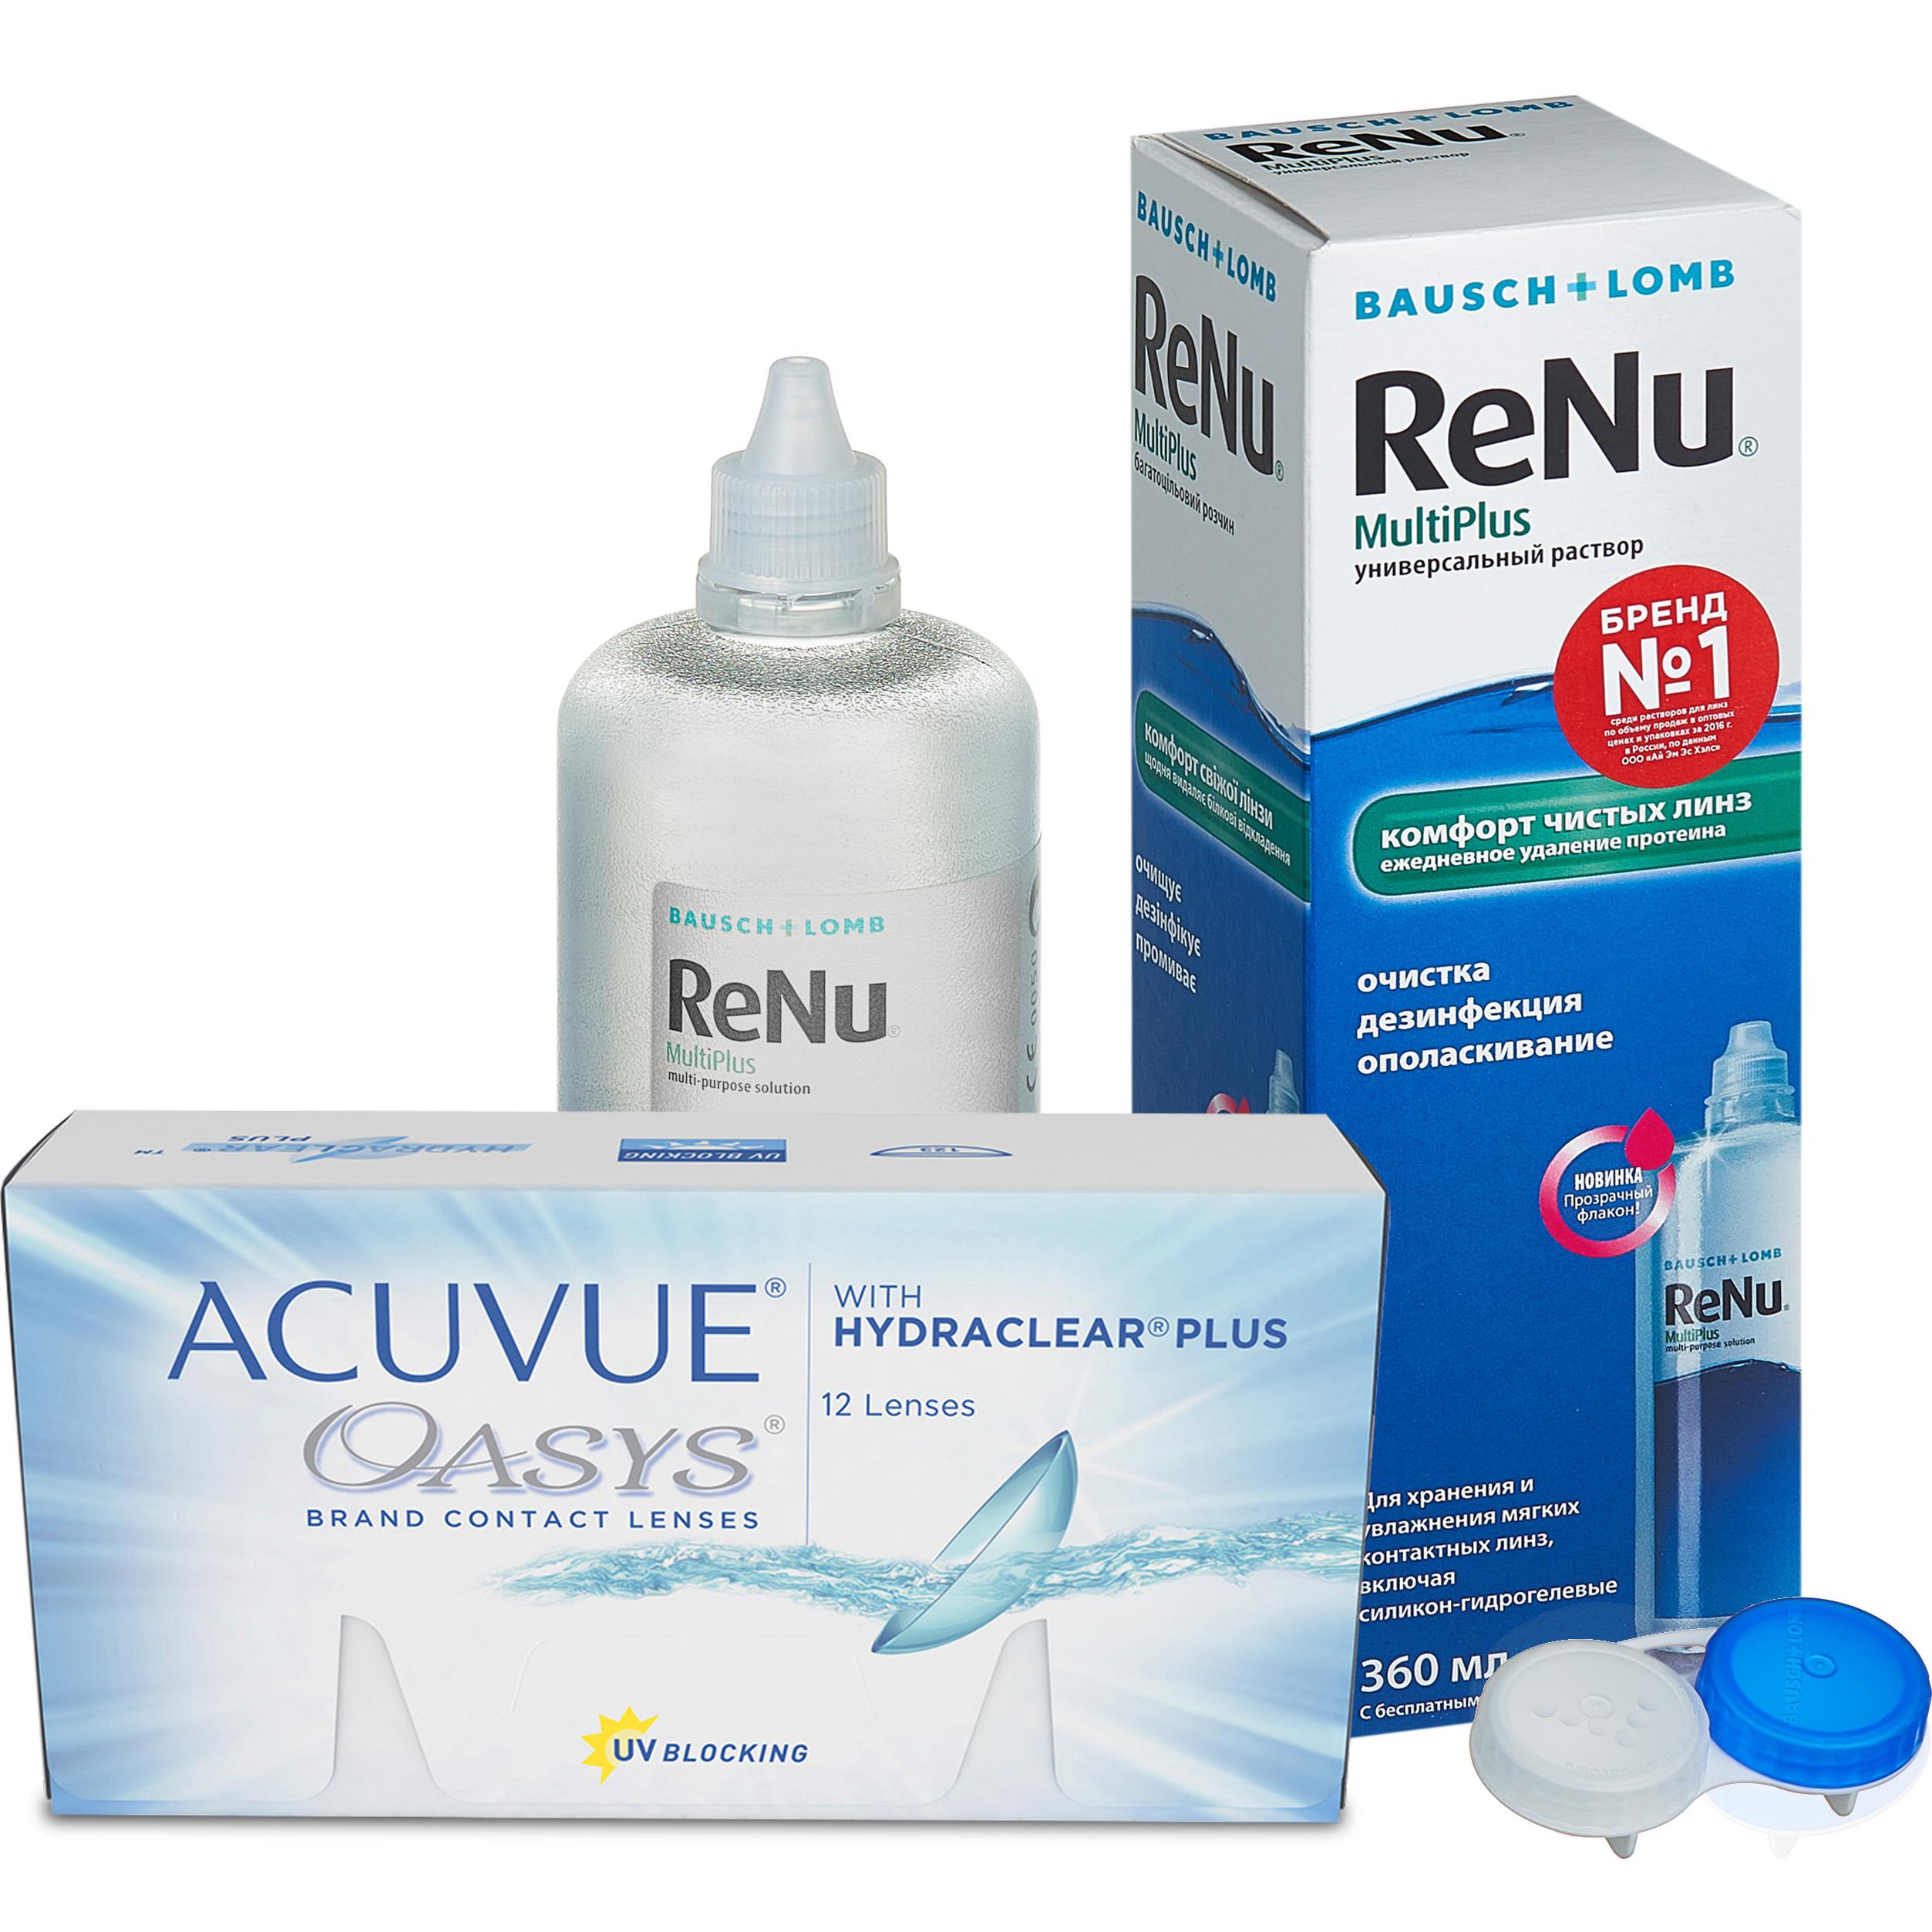 Купить Oasys with Hydraclear Plus 12 линз + ReNu MultiPlus, Линзы Acuvue Oasys with Hydraclear Plus 12 линз R 8.4 -3, 25 + ReNu Multi Plus 360 мл